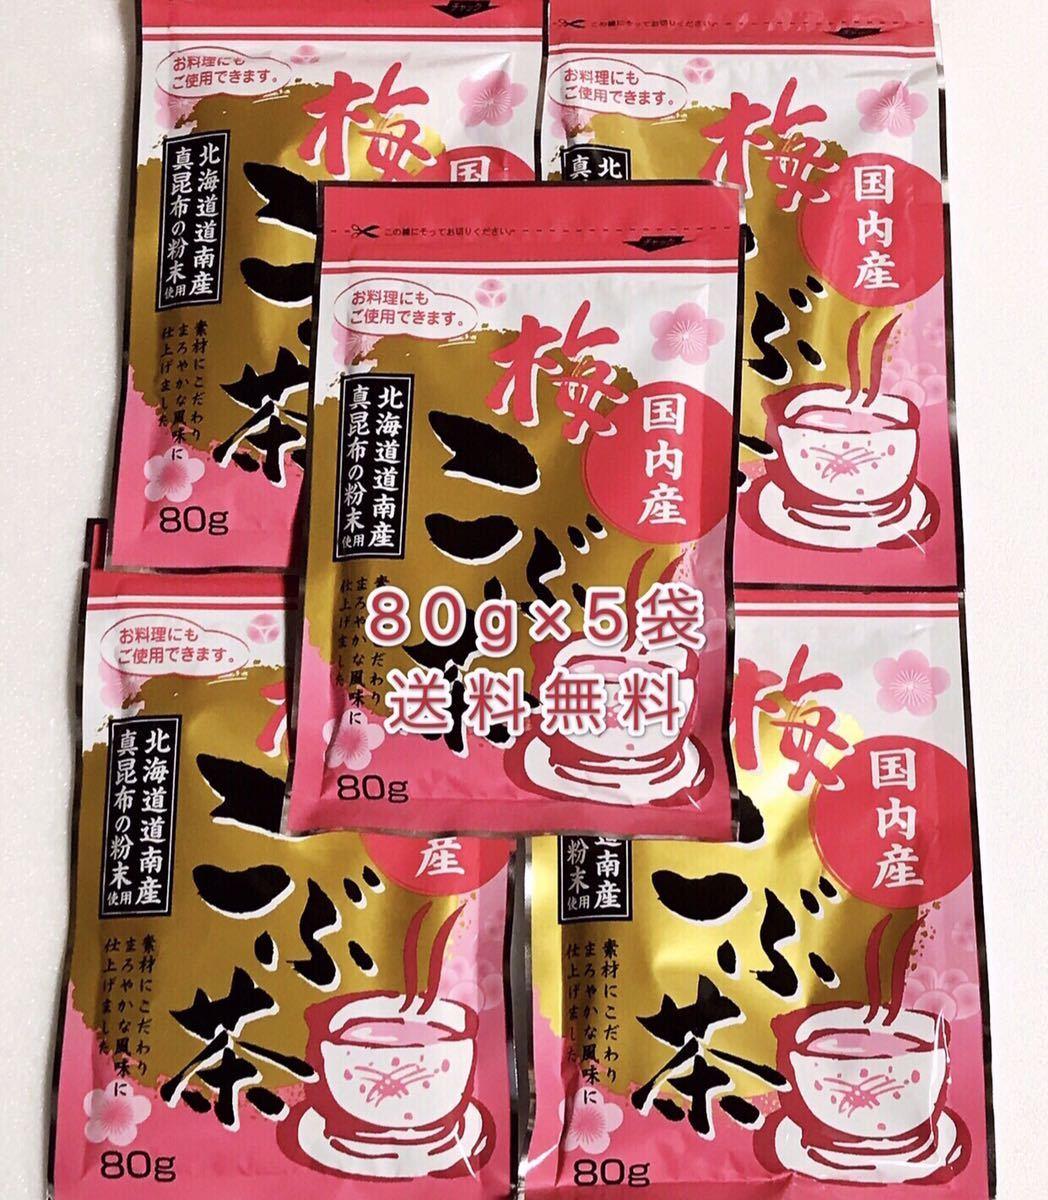 梅昆布茶 80g×5袋 北海道道南産真昆布 送料無料